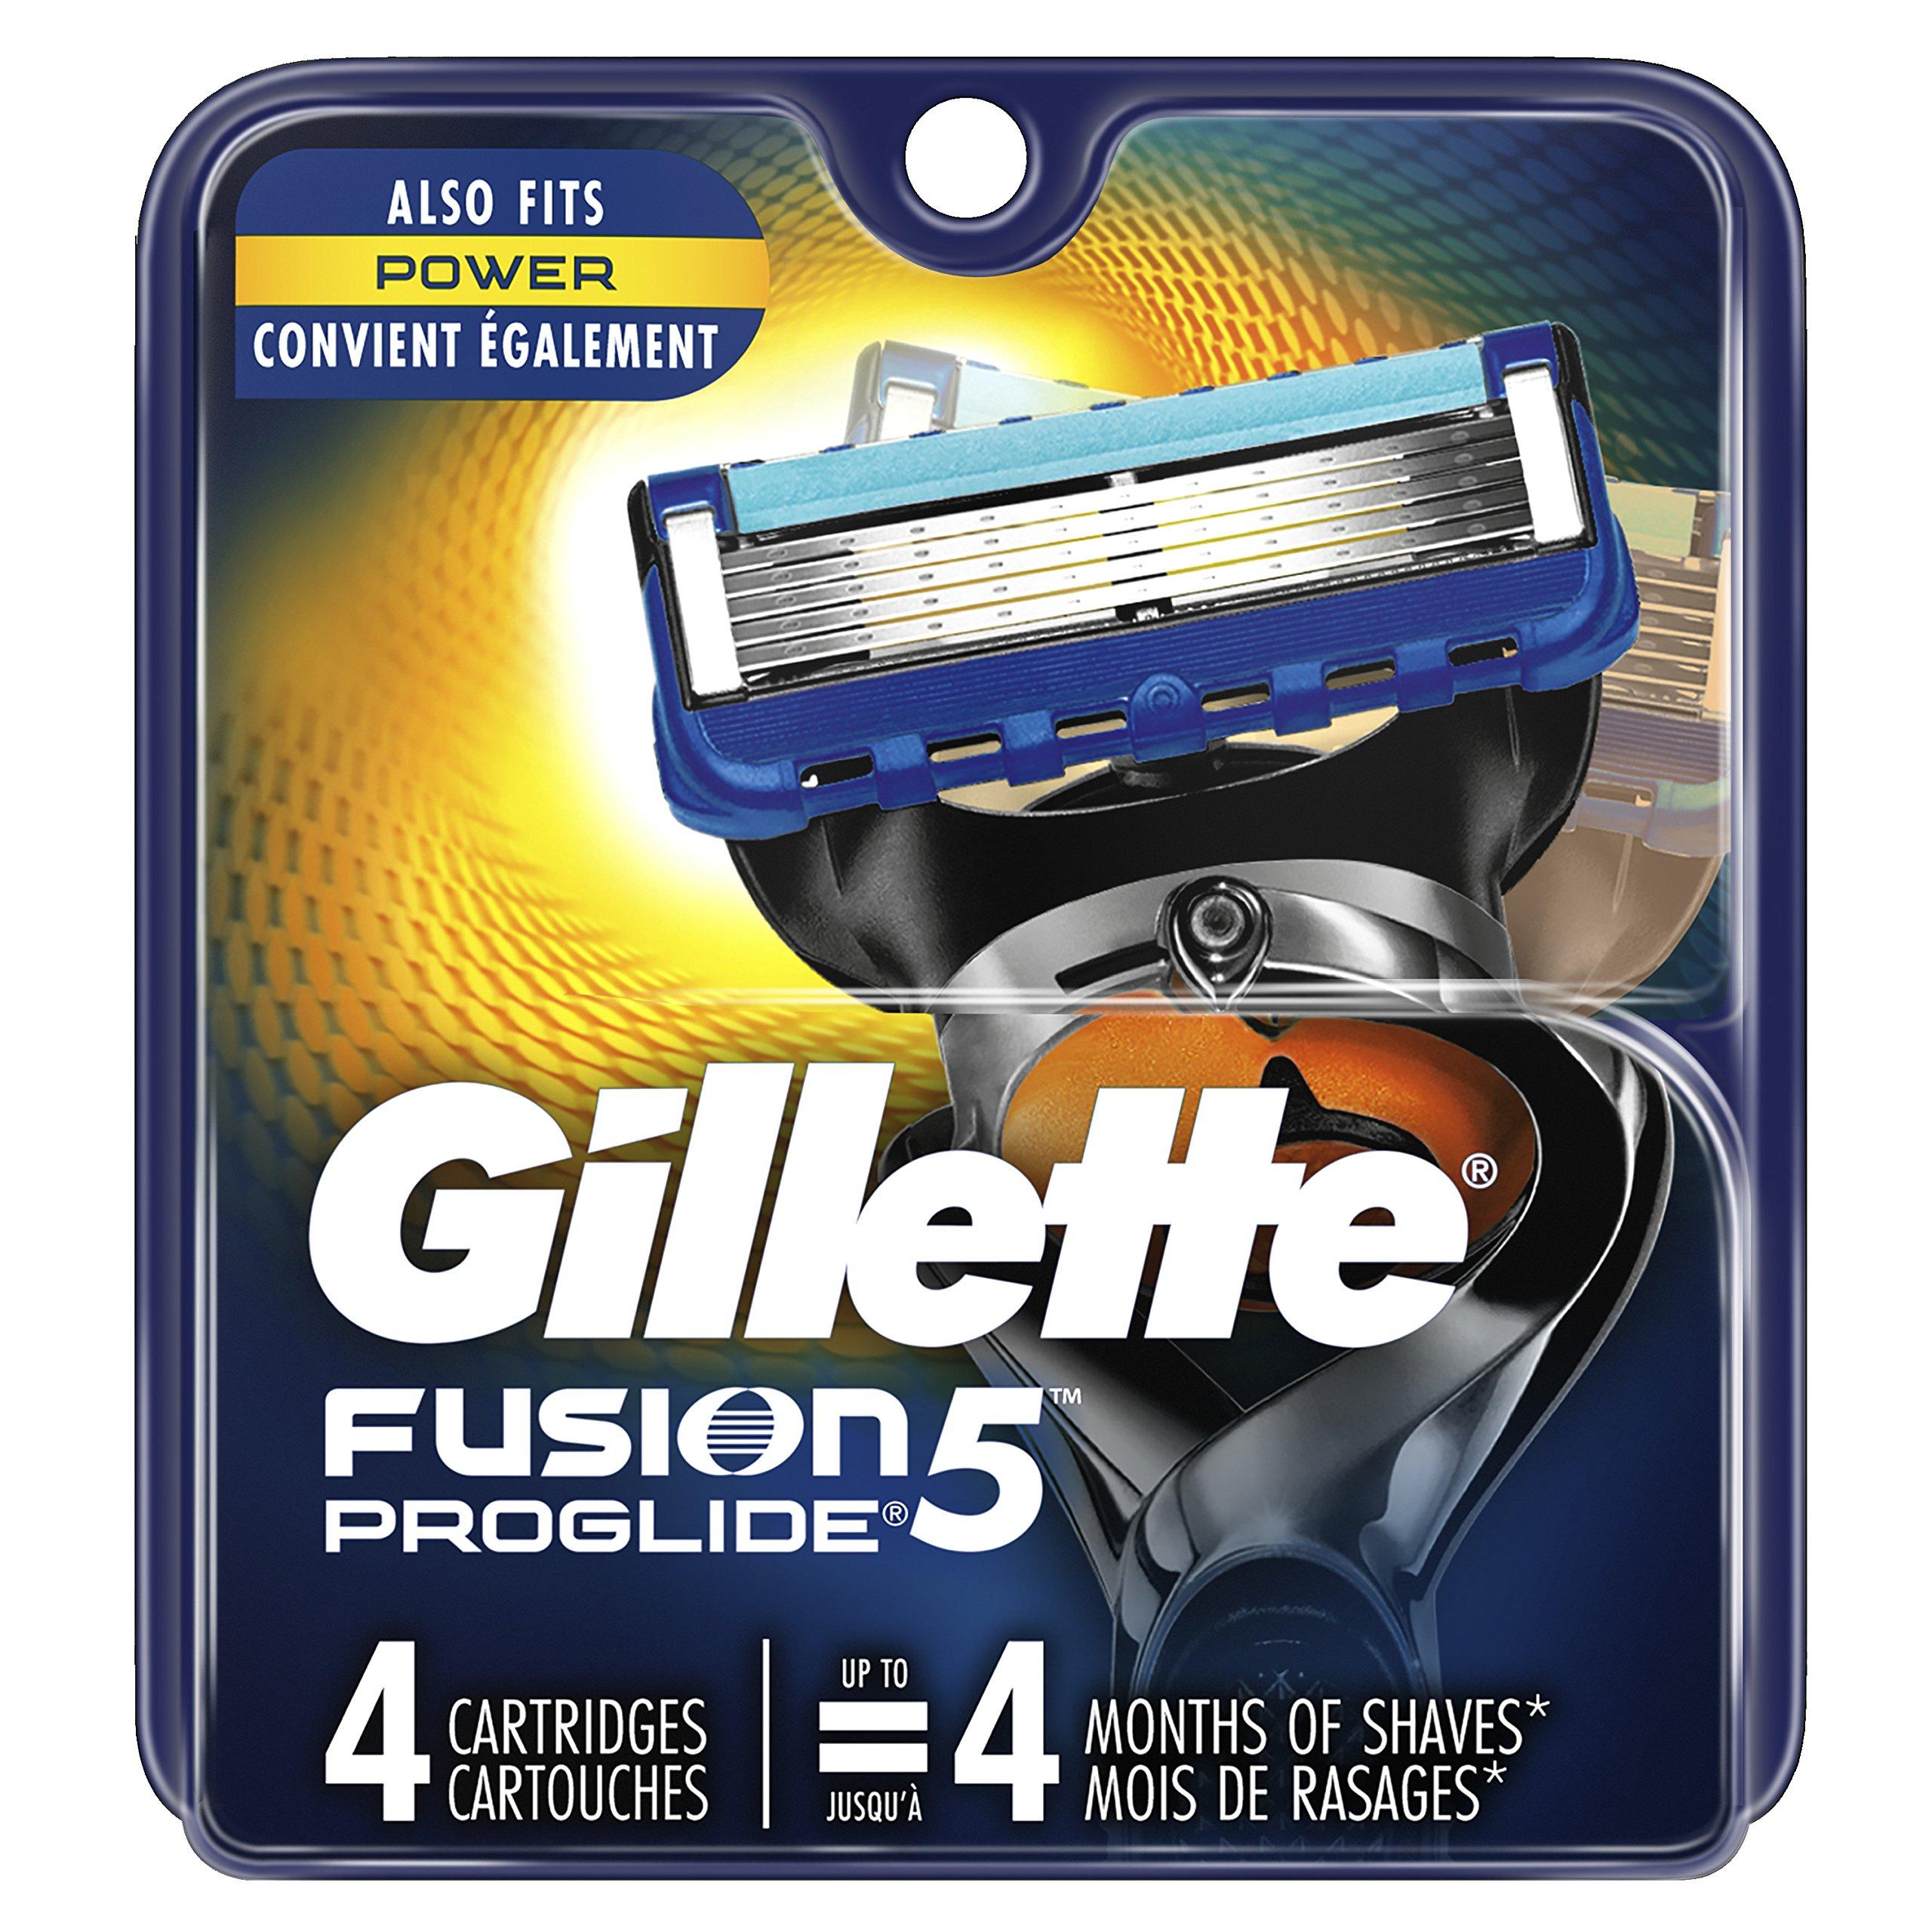 Gillette Fusion5 ProGlide Men's Razor Blade Refills, 4 Count, Mens Razors / Blades